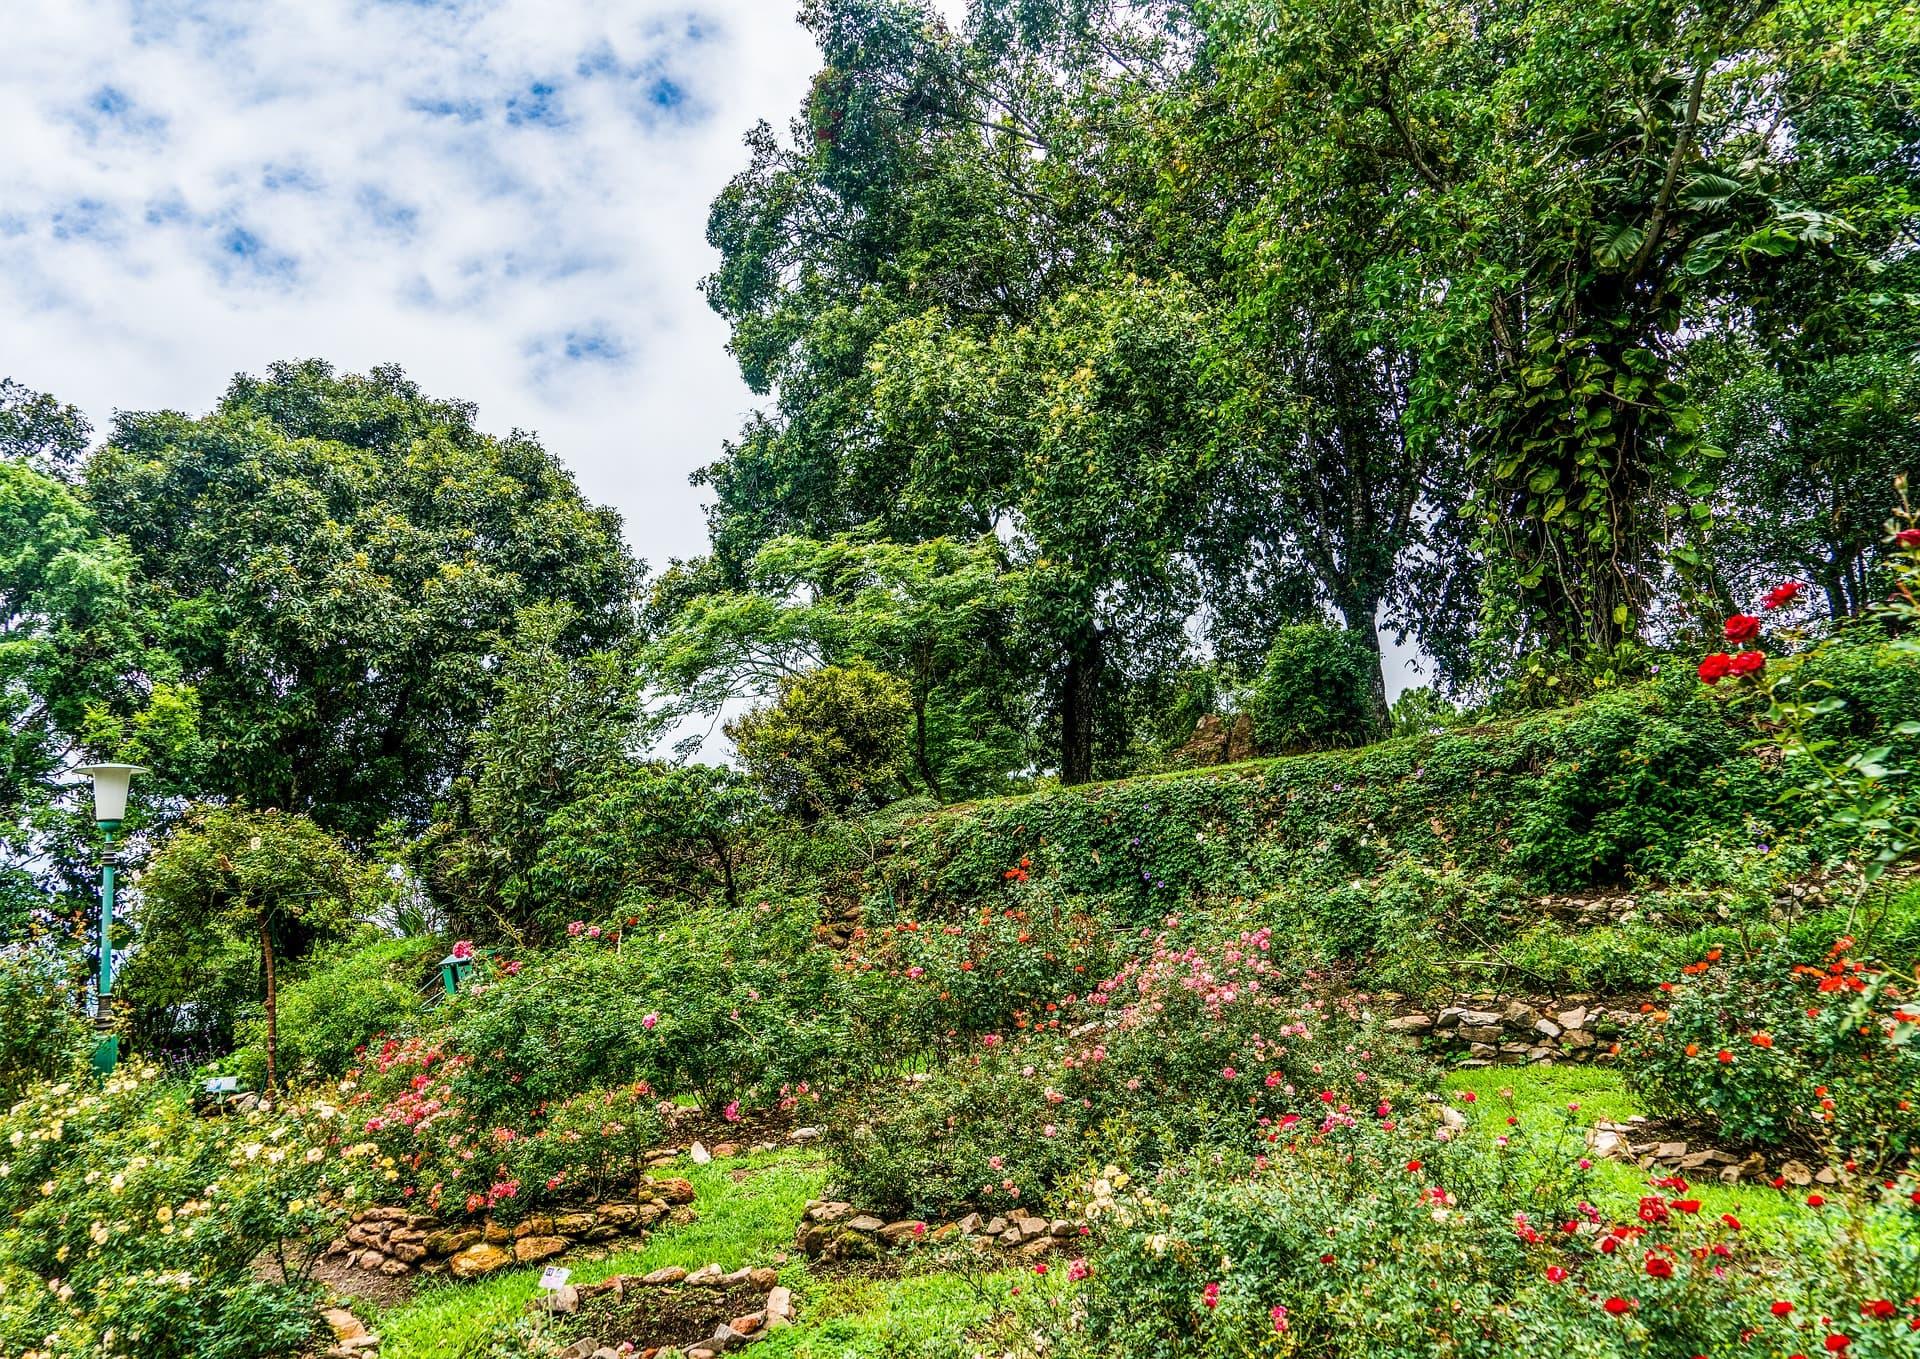 Un jardin de rose sur une colline